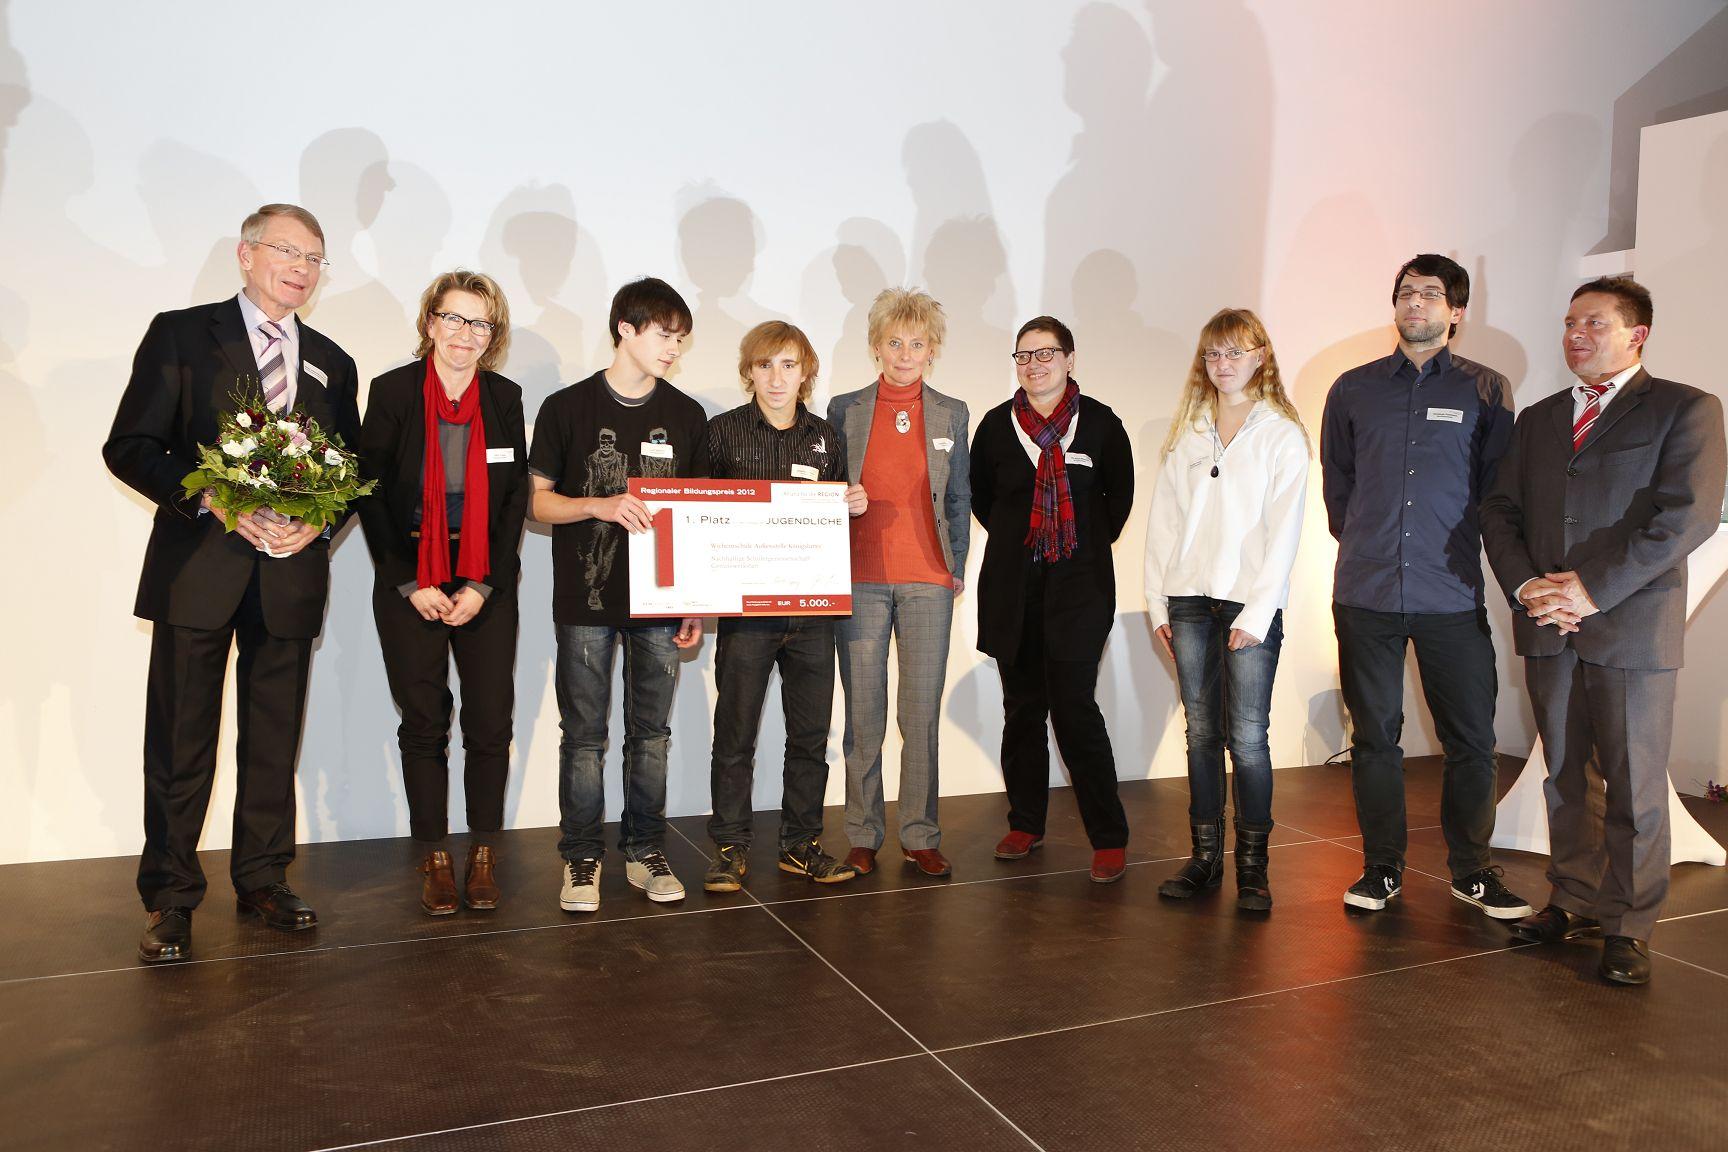 Urheber - Stefan Sobotta für projekt REGION BRAUNSCHWEIG GMBH